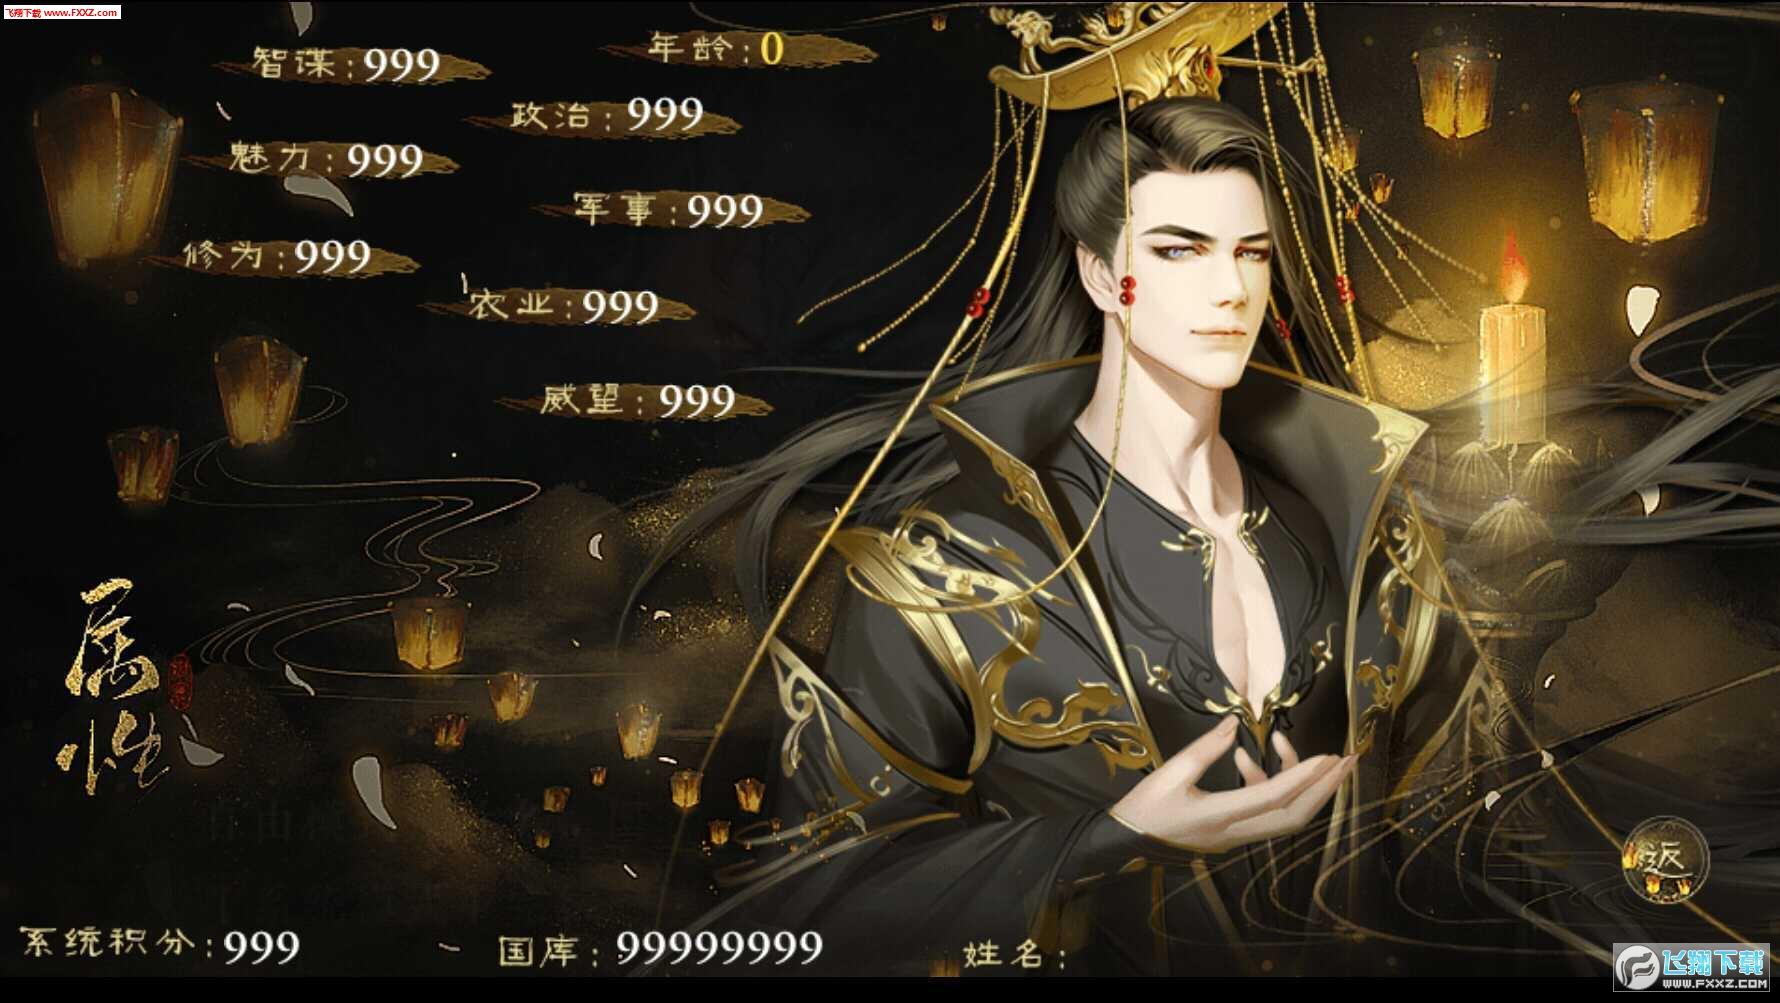 吾皇三千佳丽安卓版v1.0官方版截图1